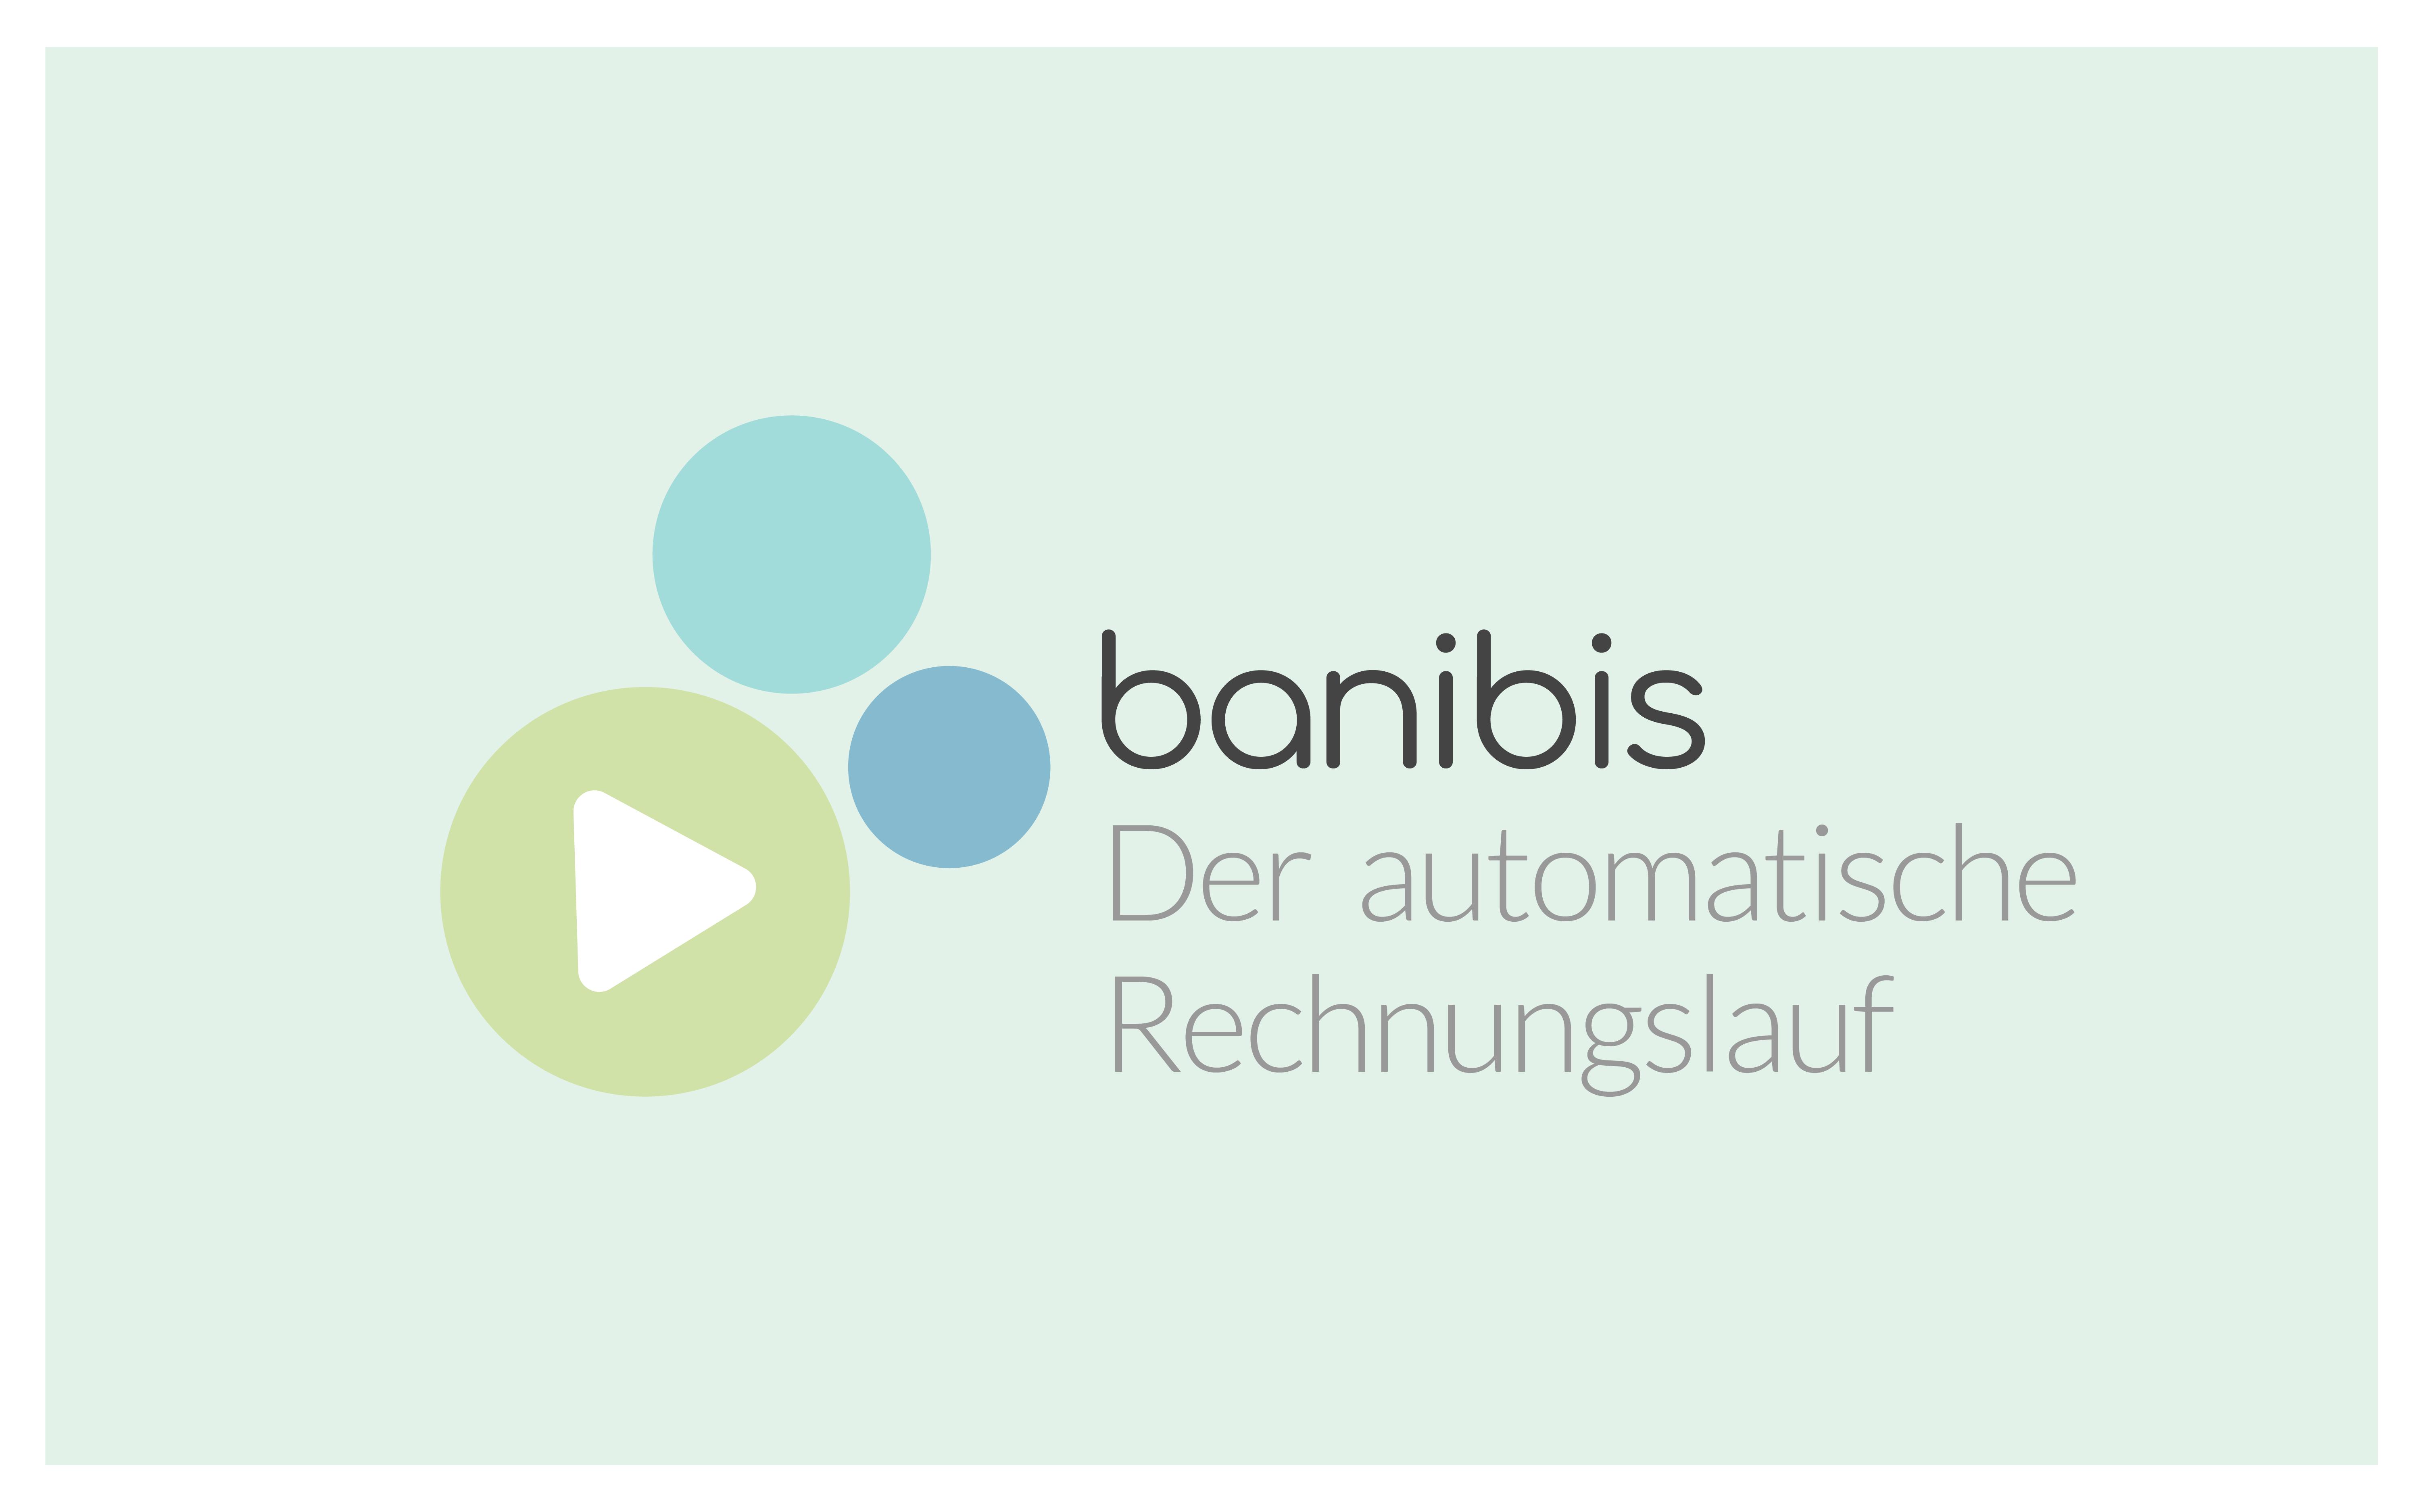 banibis automatischer Rechnungslauf Titelbild Blog